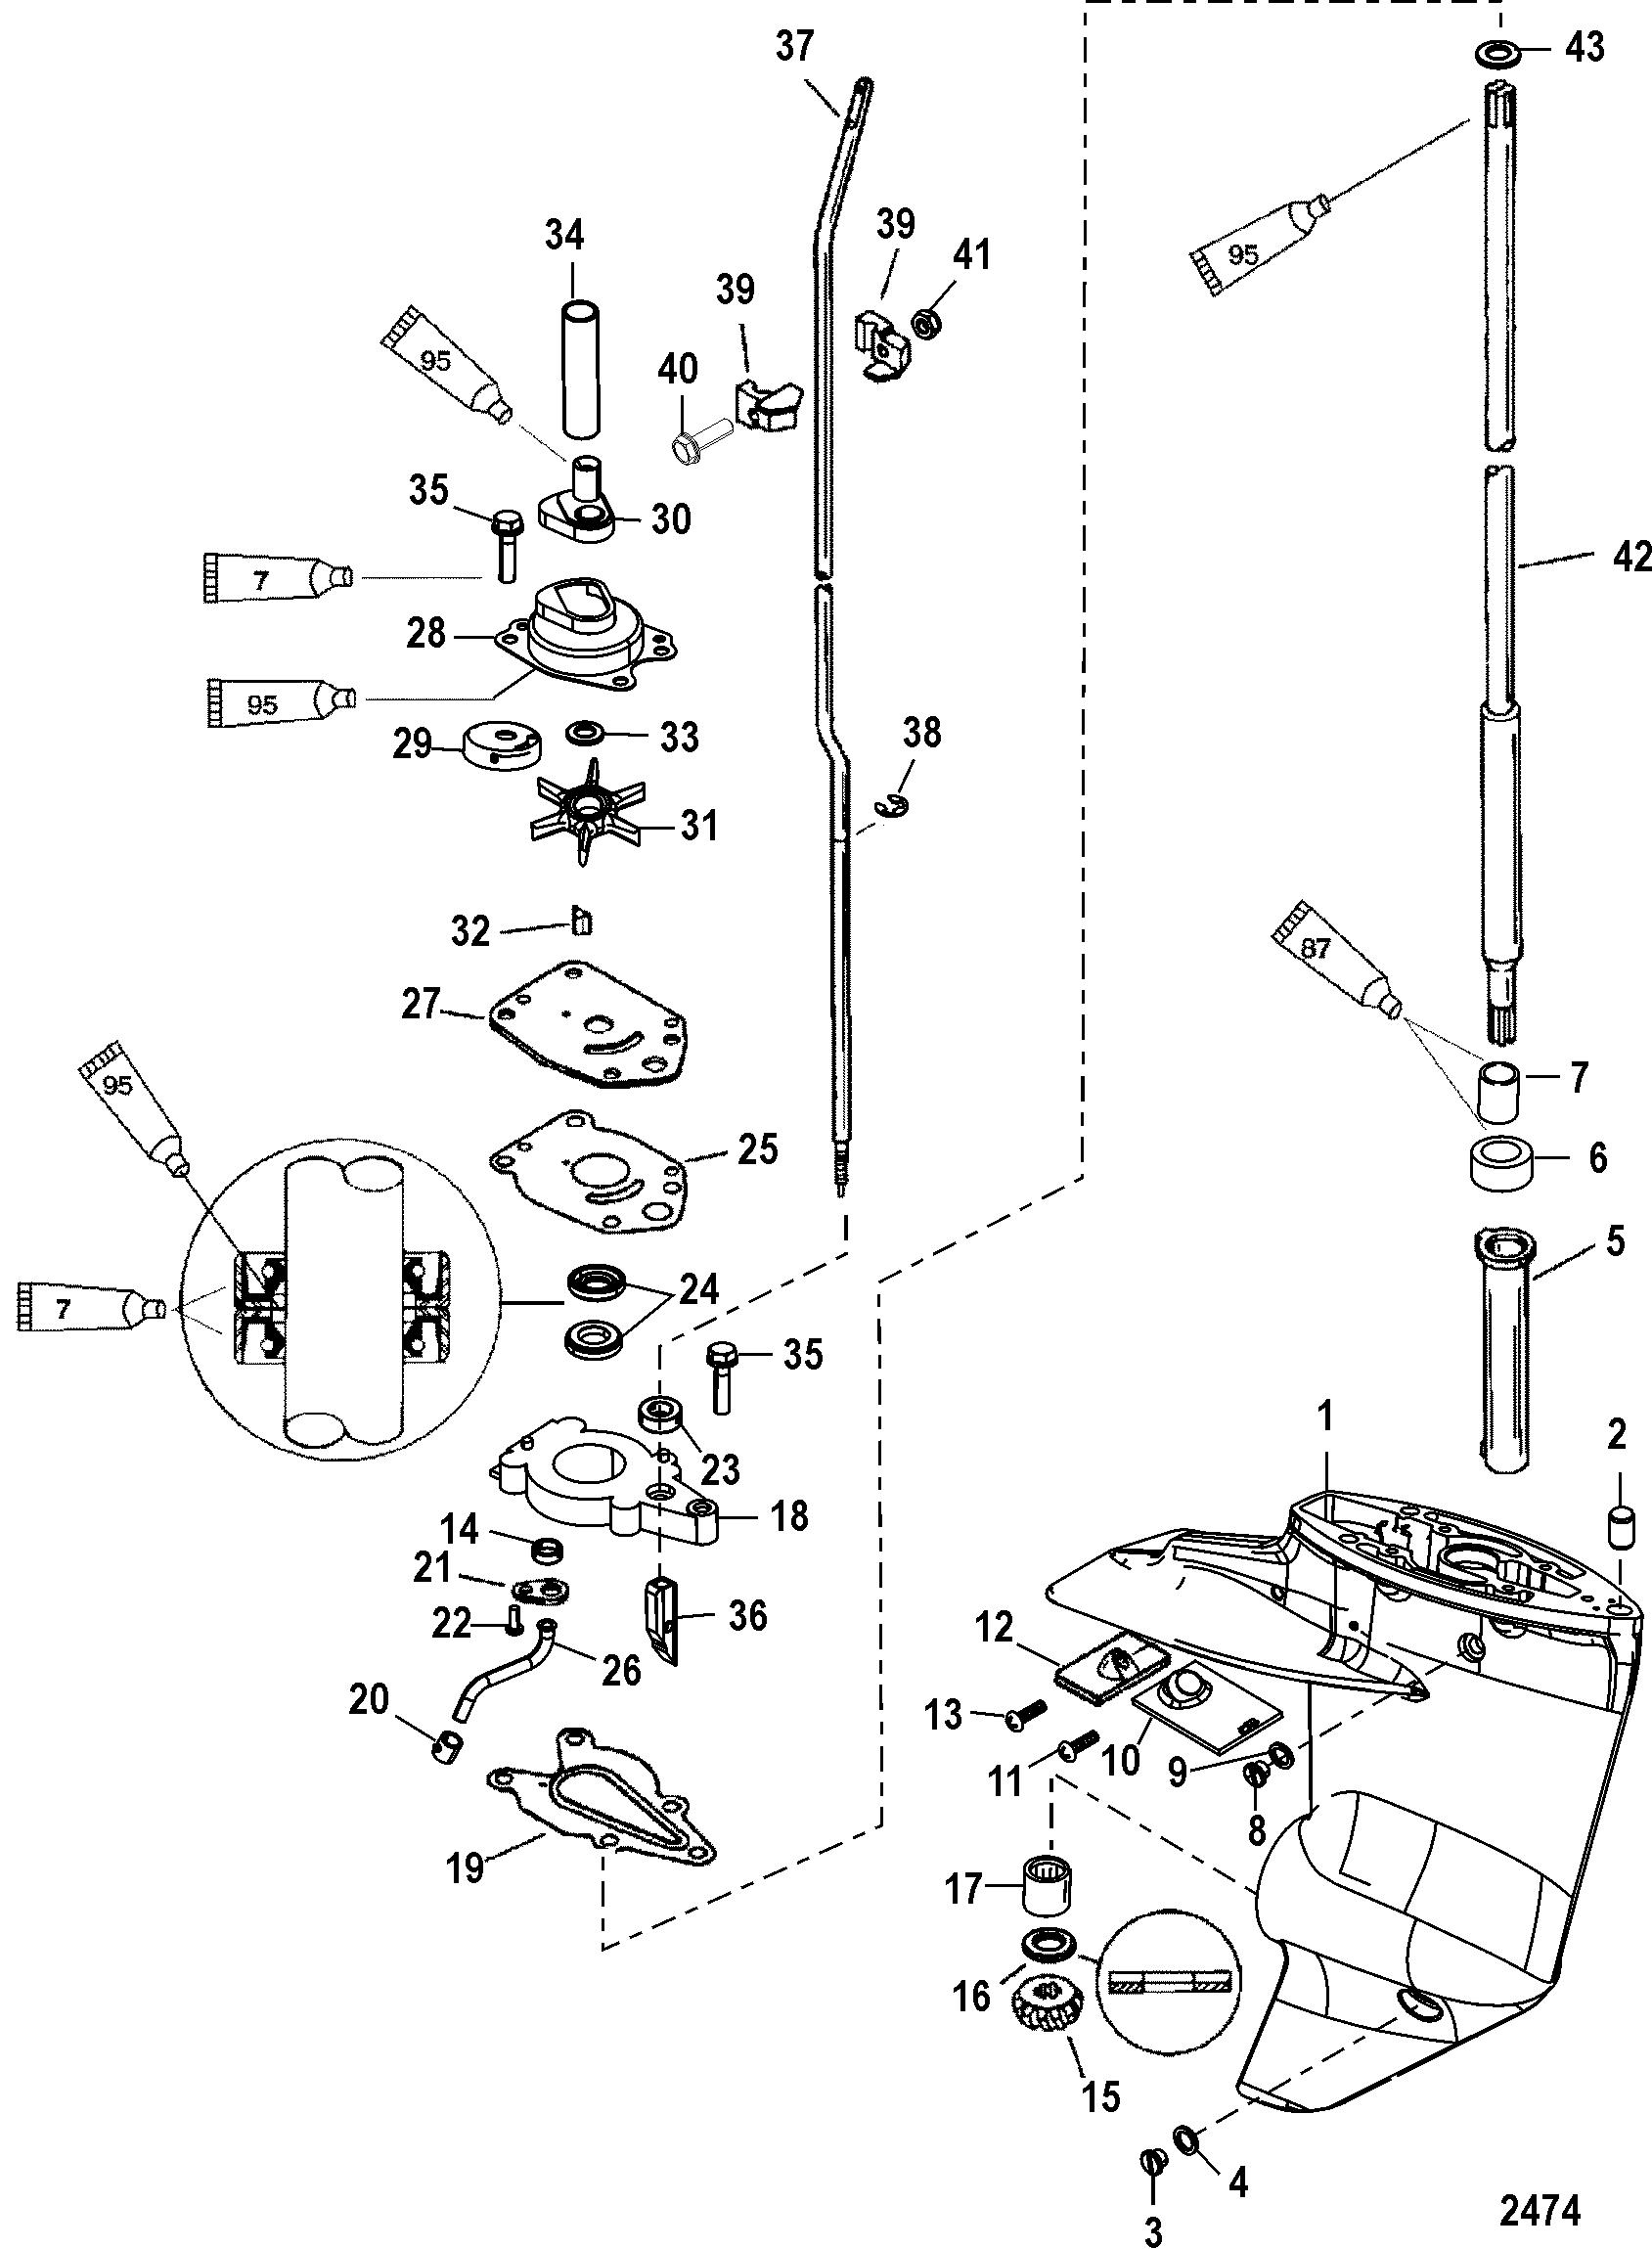 mercury engine schematics